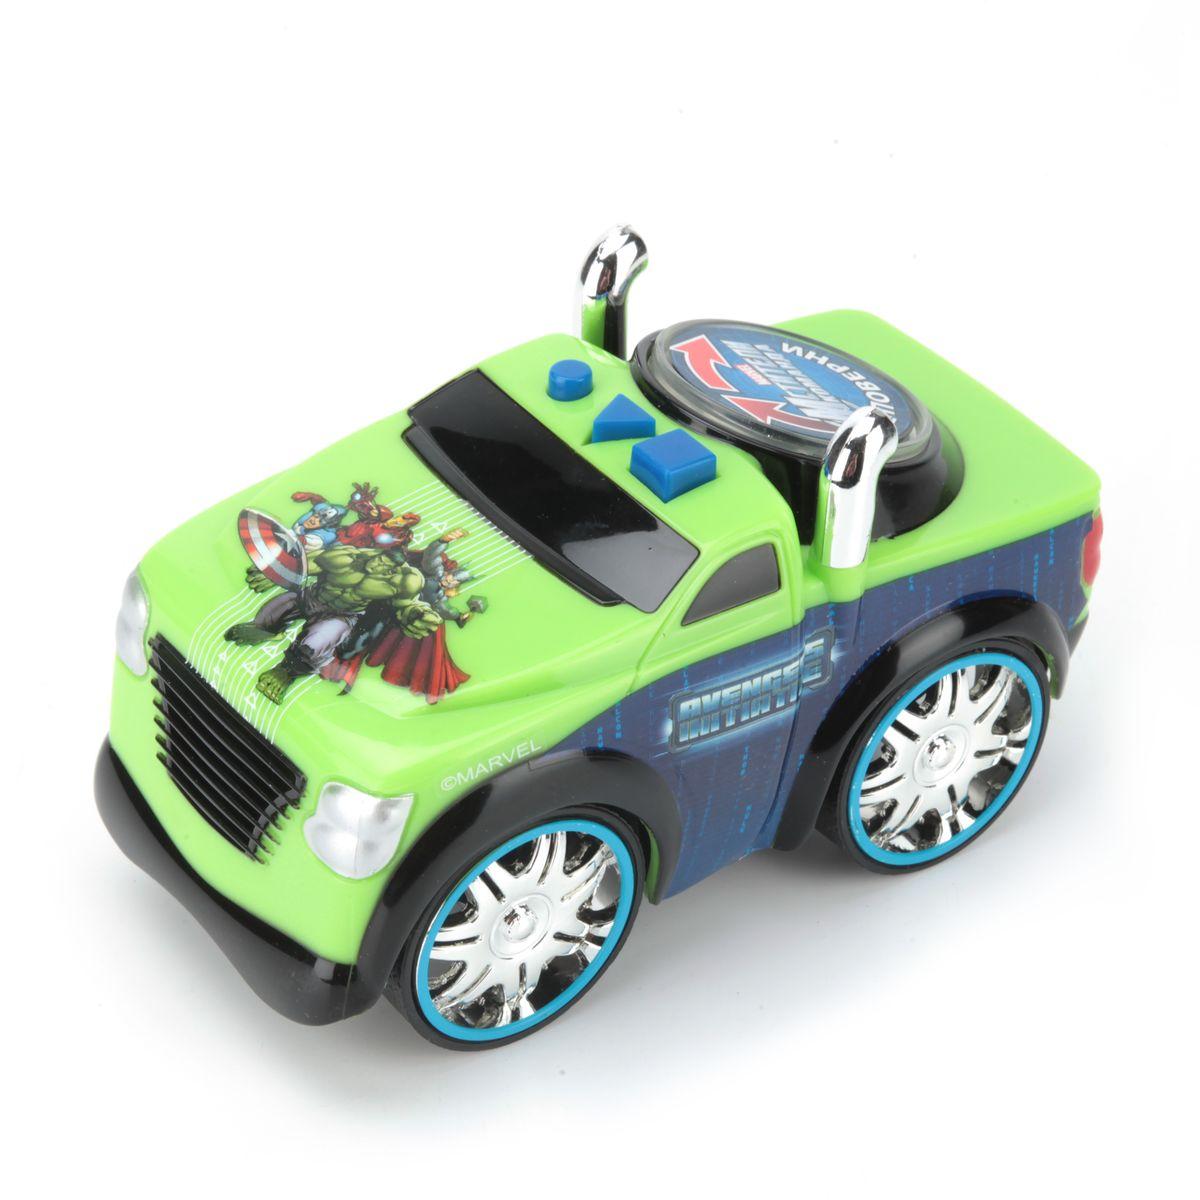 Toystate Машина Мстители33240AVЯркая машинка Мстители со звуковыми и световыми эффектами, несомненно, понравится вашему ребенку и не позволит ему скучать. Игрушка выполнена в виде большой яркой машины. На корпусе машины расположены 3 кнопки, каждая из которых имеет свое музыкальное сопровождение (мелодия, звук мотора, звук клаксона). Большая кнопка в виде круглого диска также имеет музыкальное сопровождение, достаточно покрутить диск в любую из сторон. Свободный ход колес. Ваш ребенок часами будет играть с машинкой, придумывая различные истории и устраивая соревнования. Порадуйте его таким замечательным подарком! Рекомендуется докупить 2 батарейки AА (товар комплектуется демонстрационными).